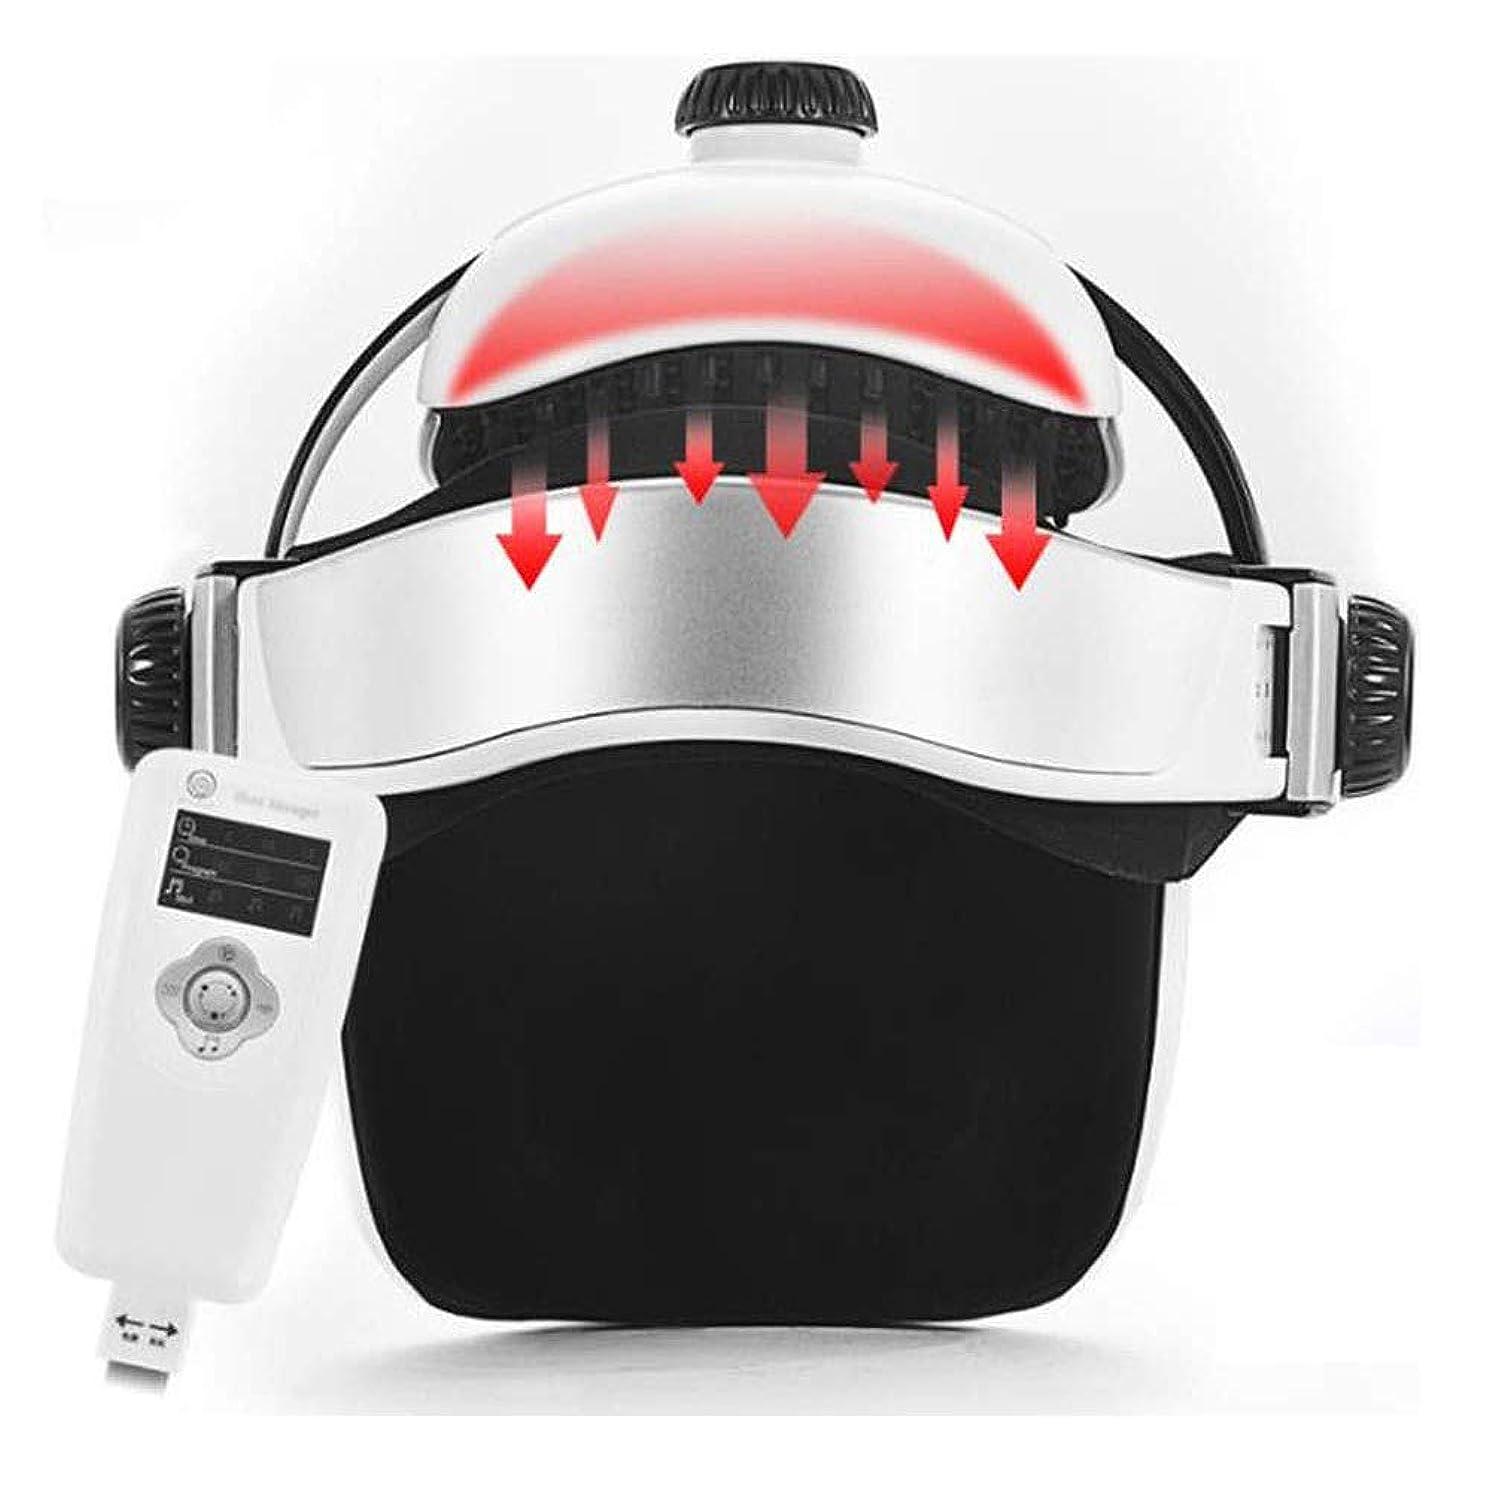 調査修正するファン加圧振動機能付きヘッドマッサージ器、電気多機能マッサージヘルメット、圧力とディープスリープを緩和するためのヘッドマッサージ